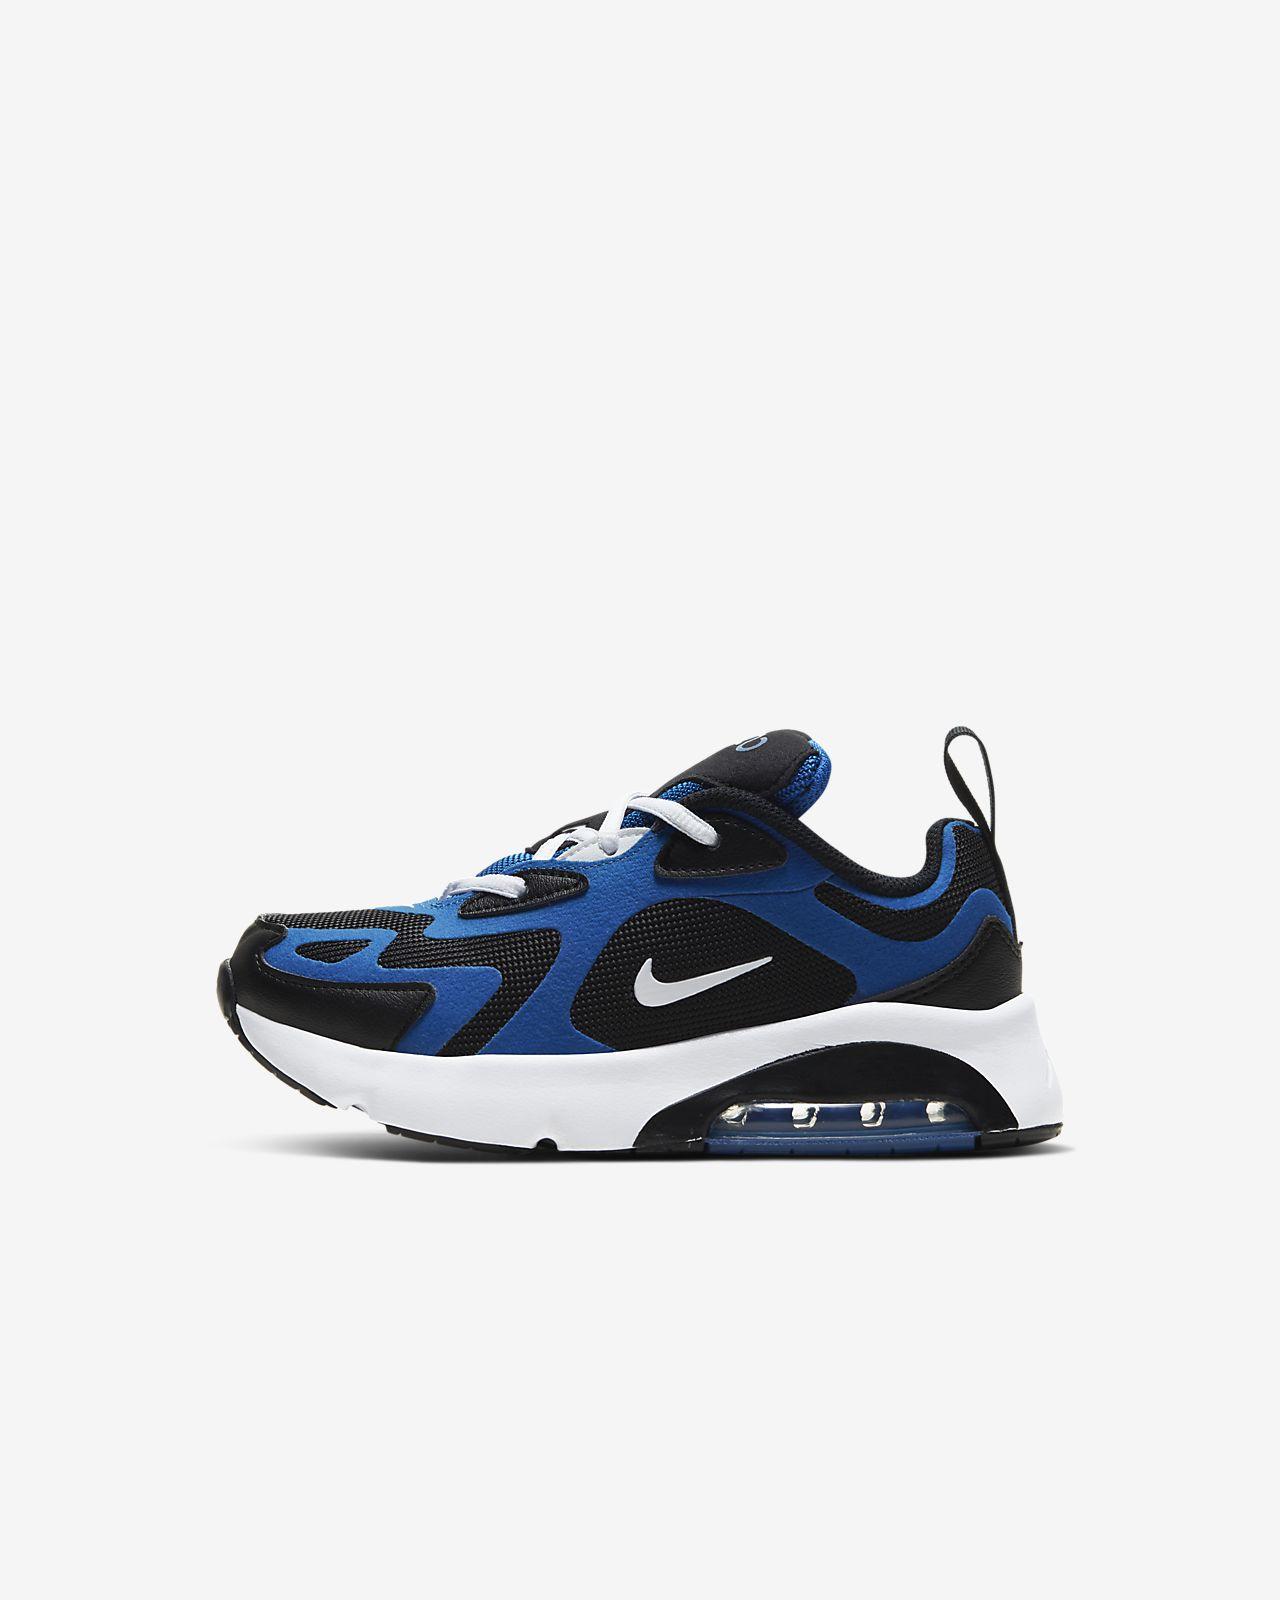 Nike Air Max 270 RT Toddler GB Sneakers